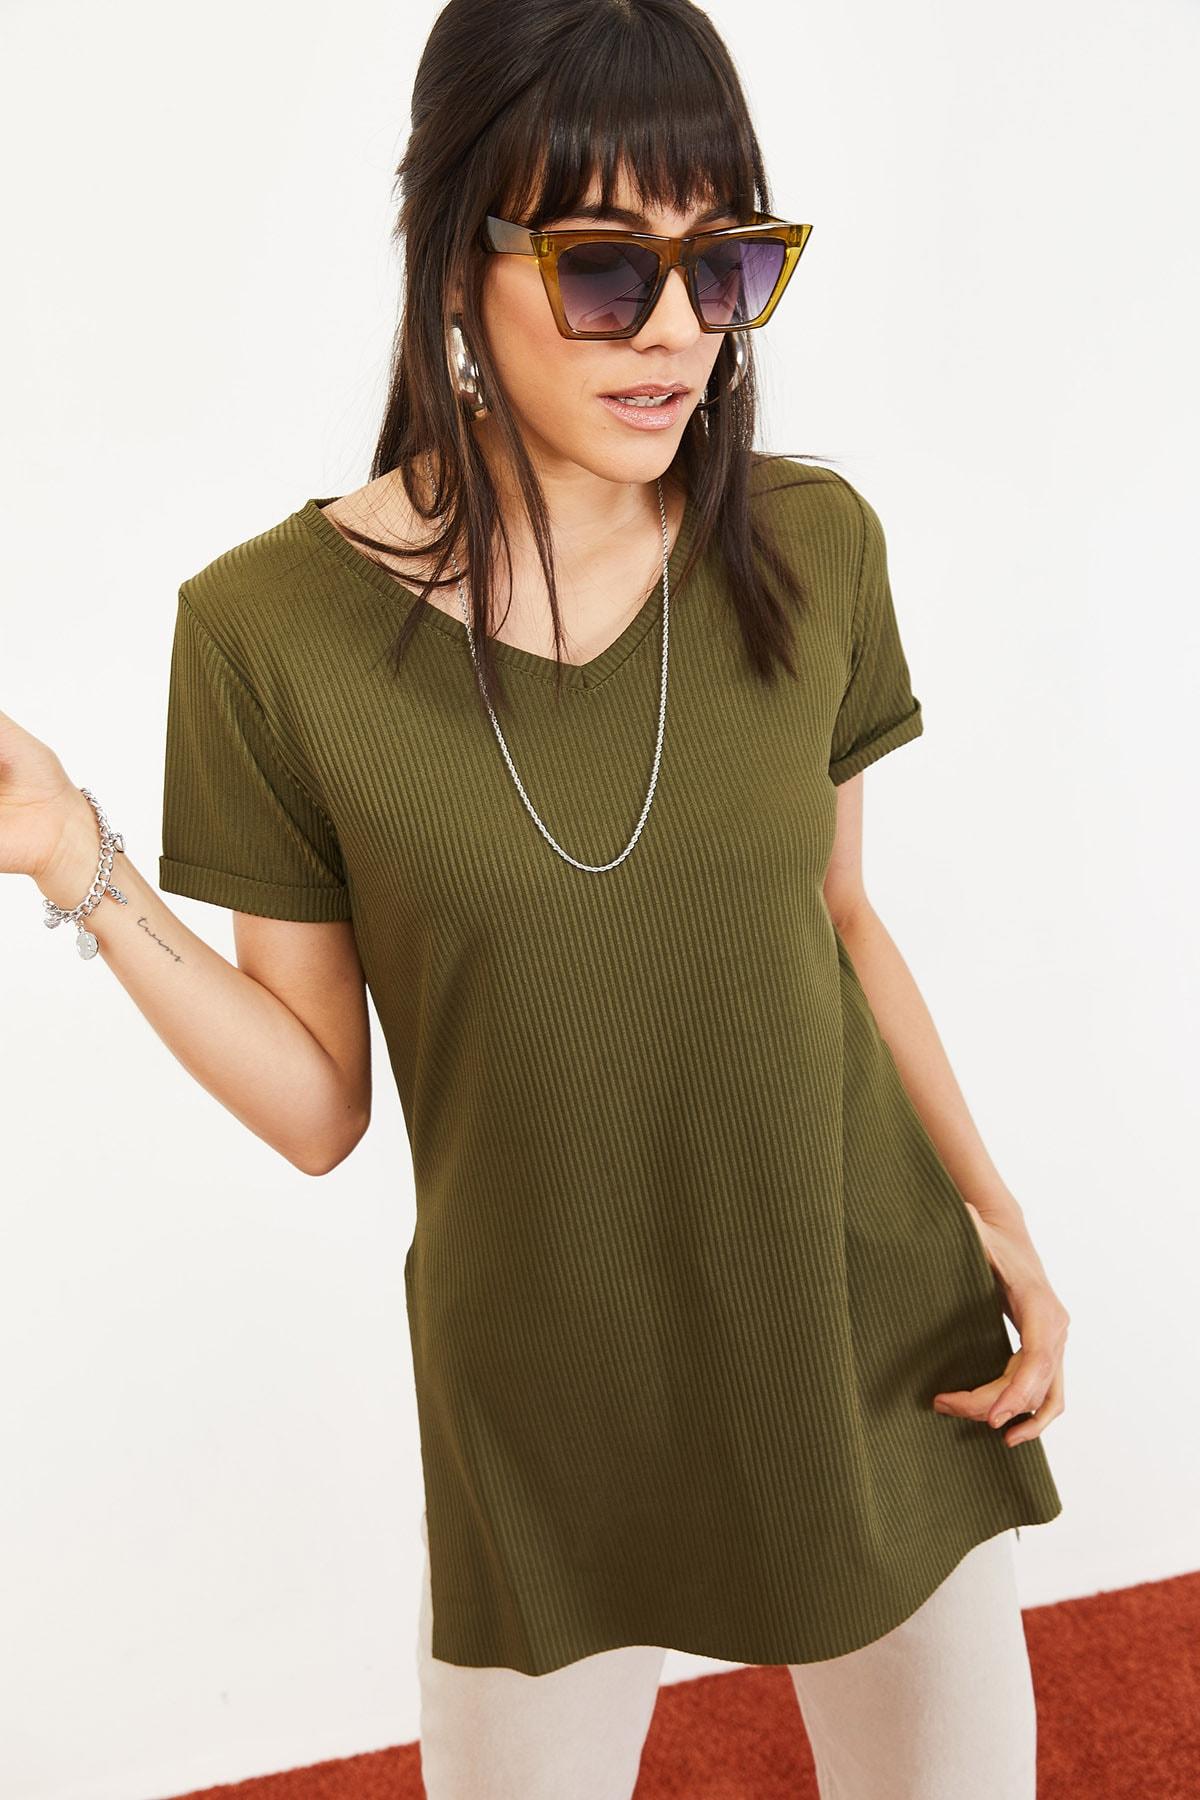 Bianco Lucci Kadın Yeşil Kol Yan Yırtmaçlı Kol Detay Kaşkorse T-Shirt 10051012 4